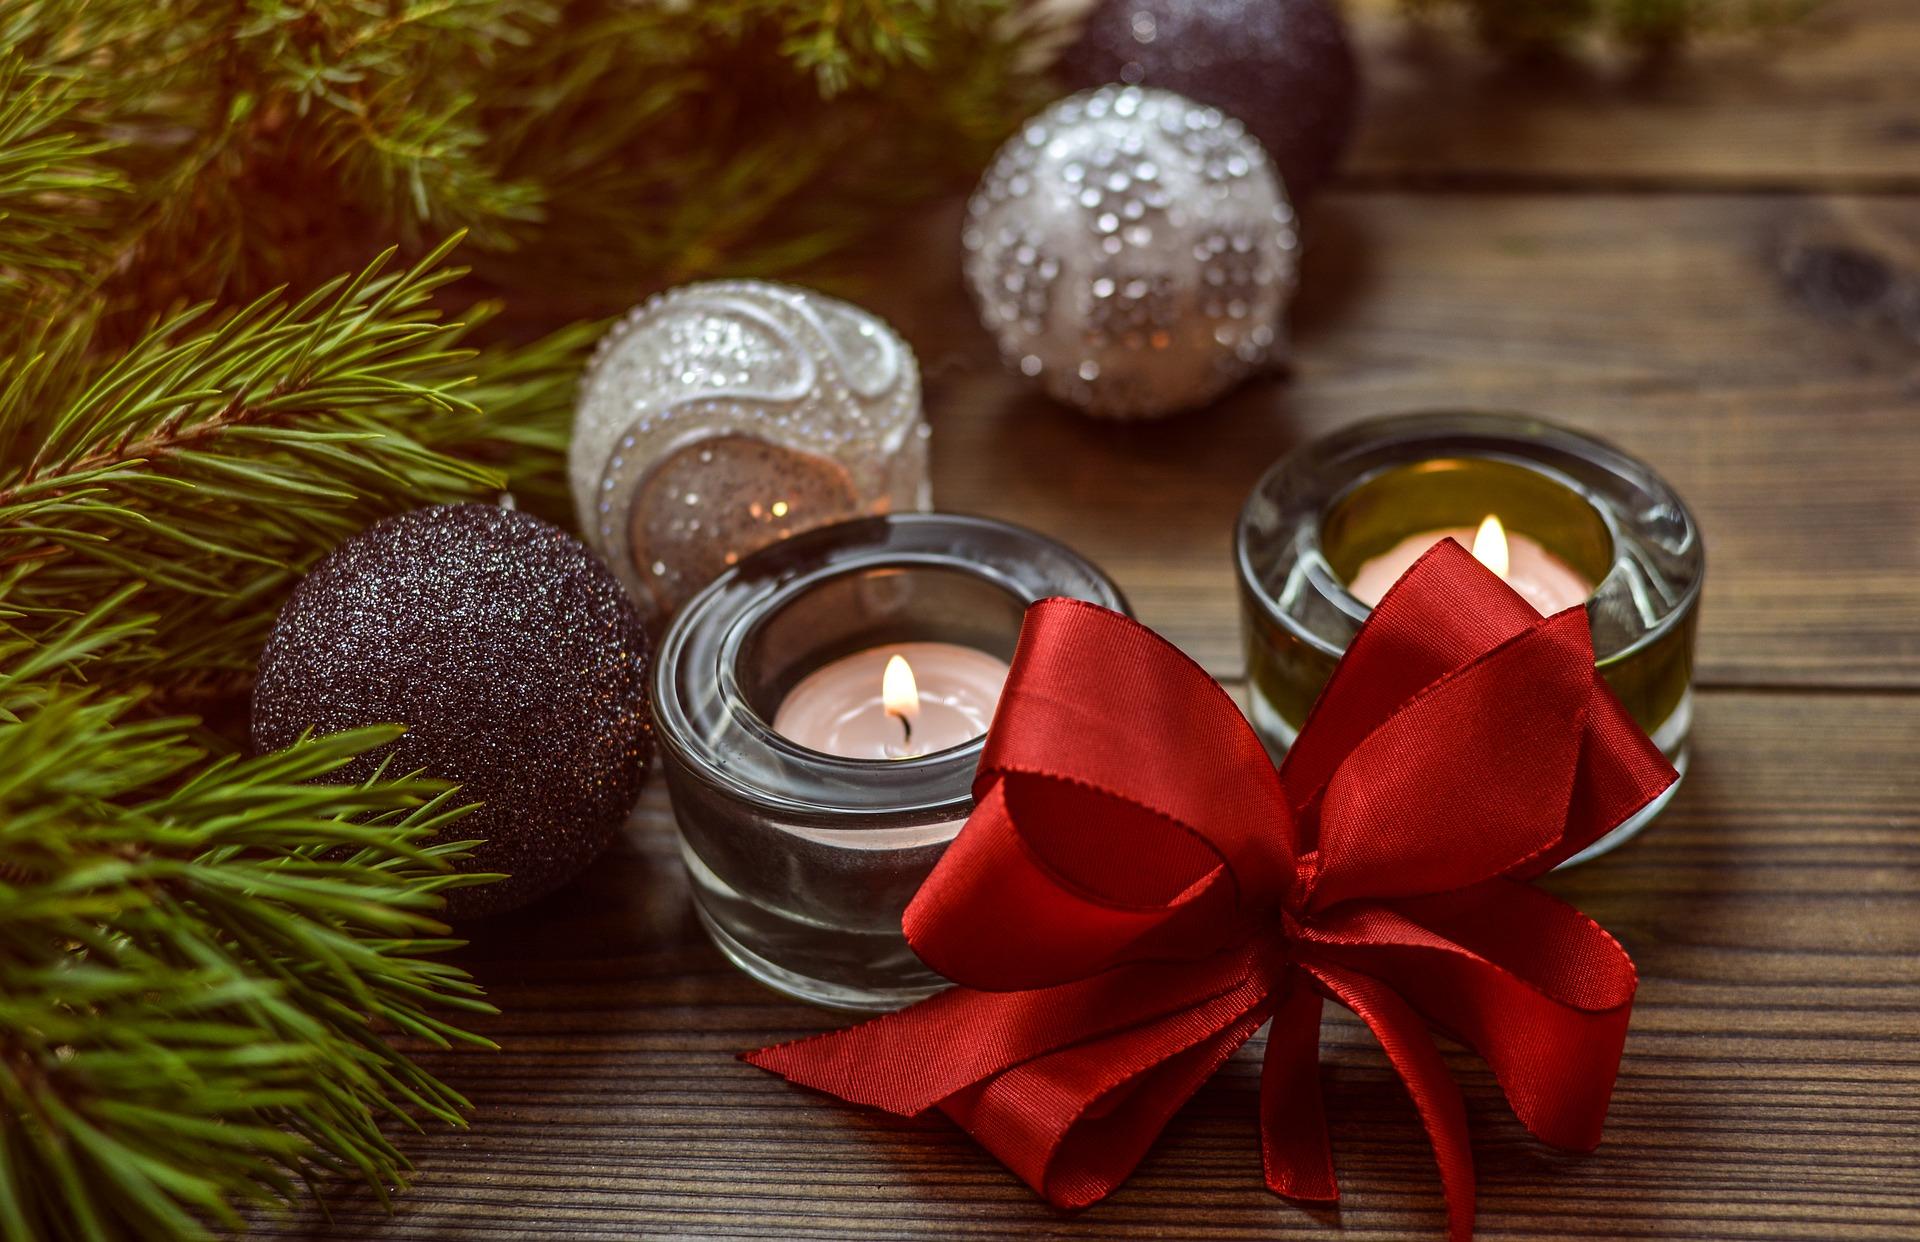 kerstlichtjes